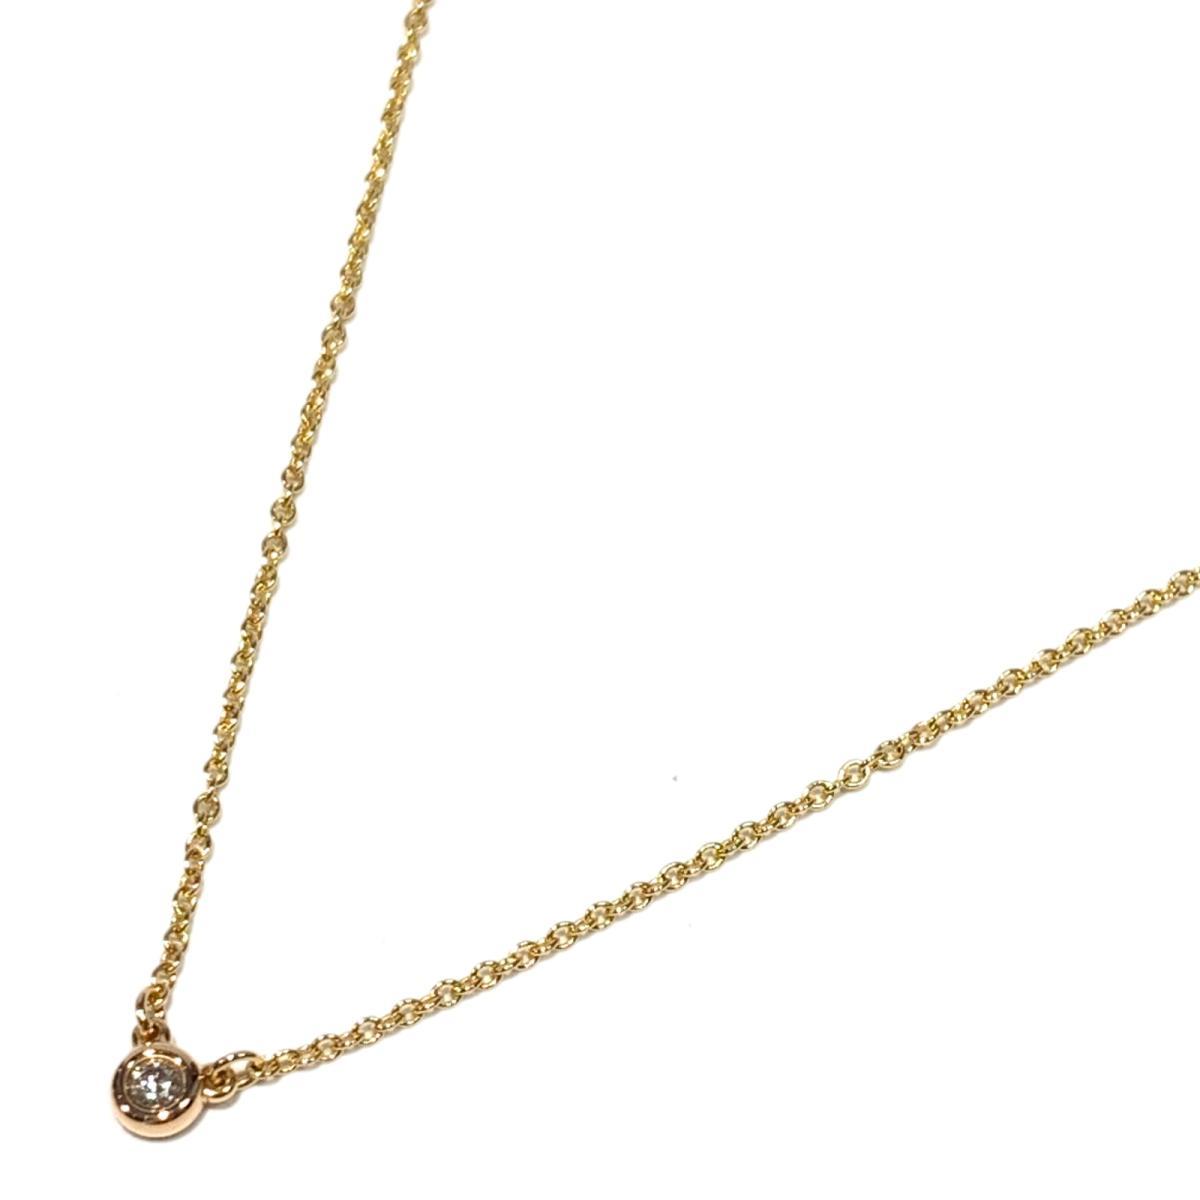 ティファニー バイザヤードネックレス ダイヤモンドネックレス ブランドジュエリー レディース K18PG (750) ピンクゴールド x ダイヤモンド ゴールド 【中古】 | TIFFANY&CO BRANDOFF ブランドオフ ブランド アクセサリー ネックレス ペンダント